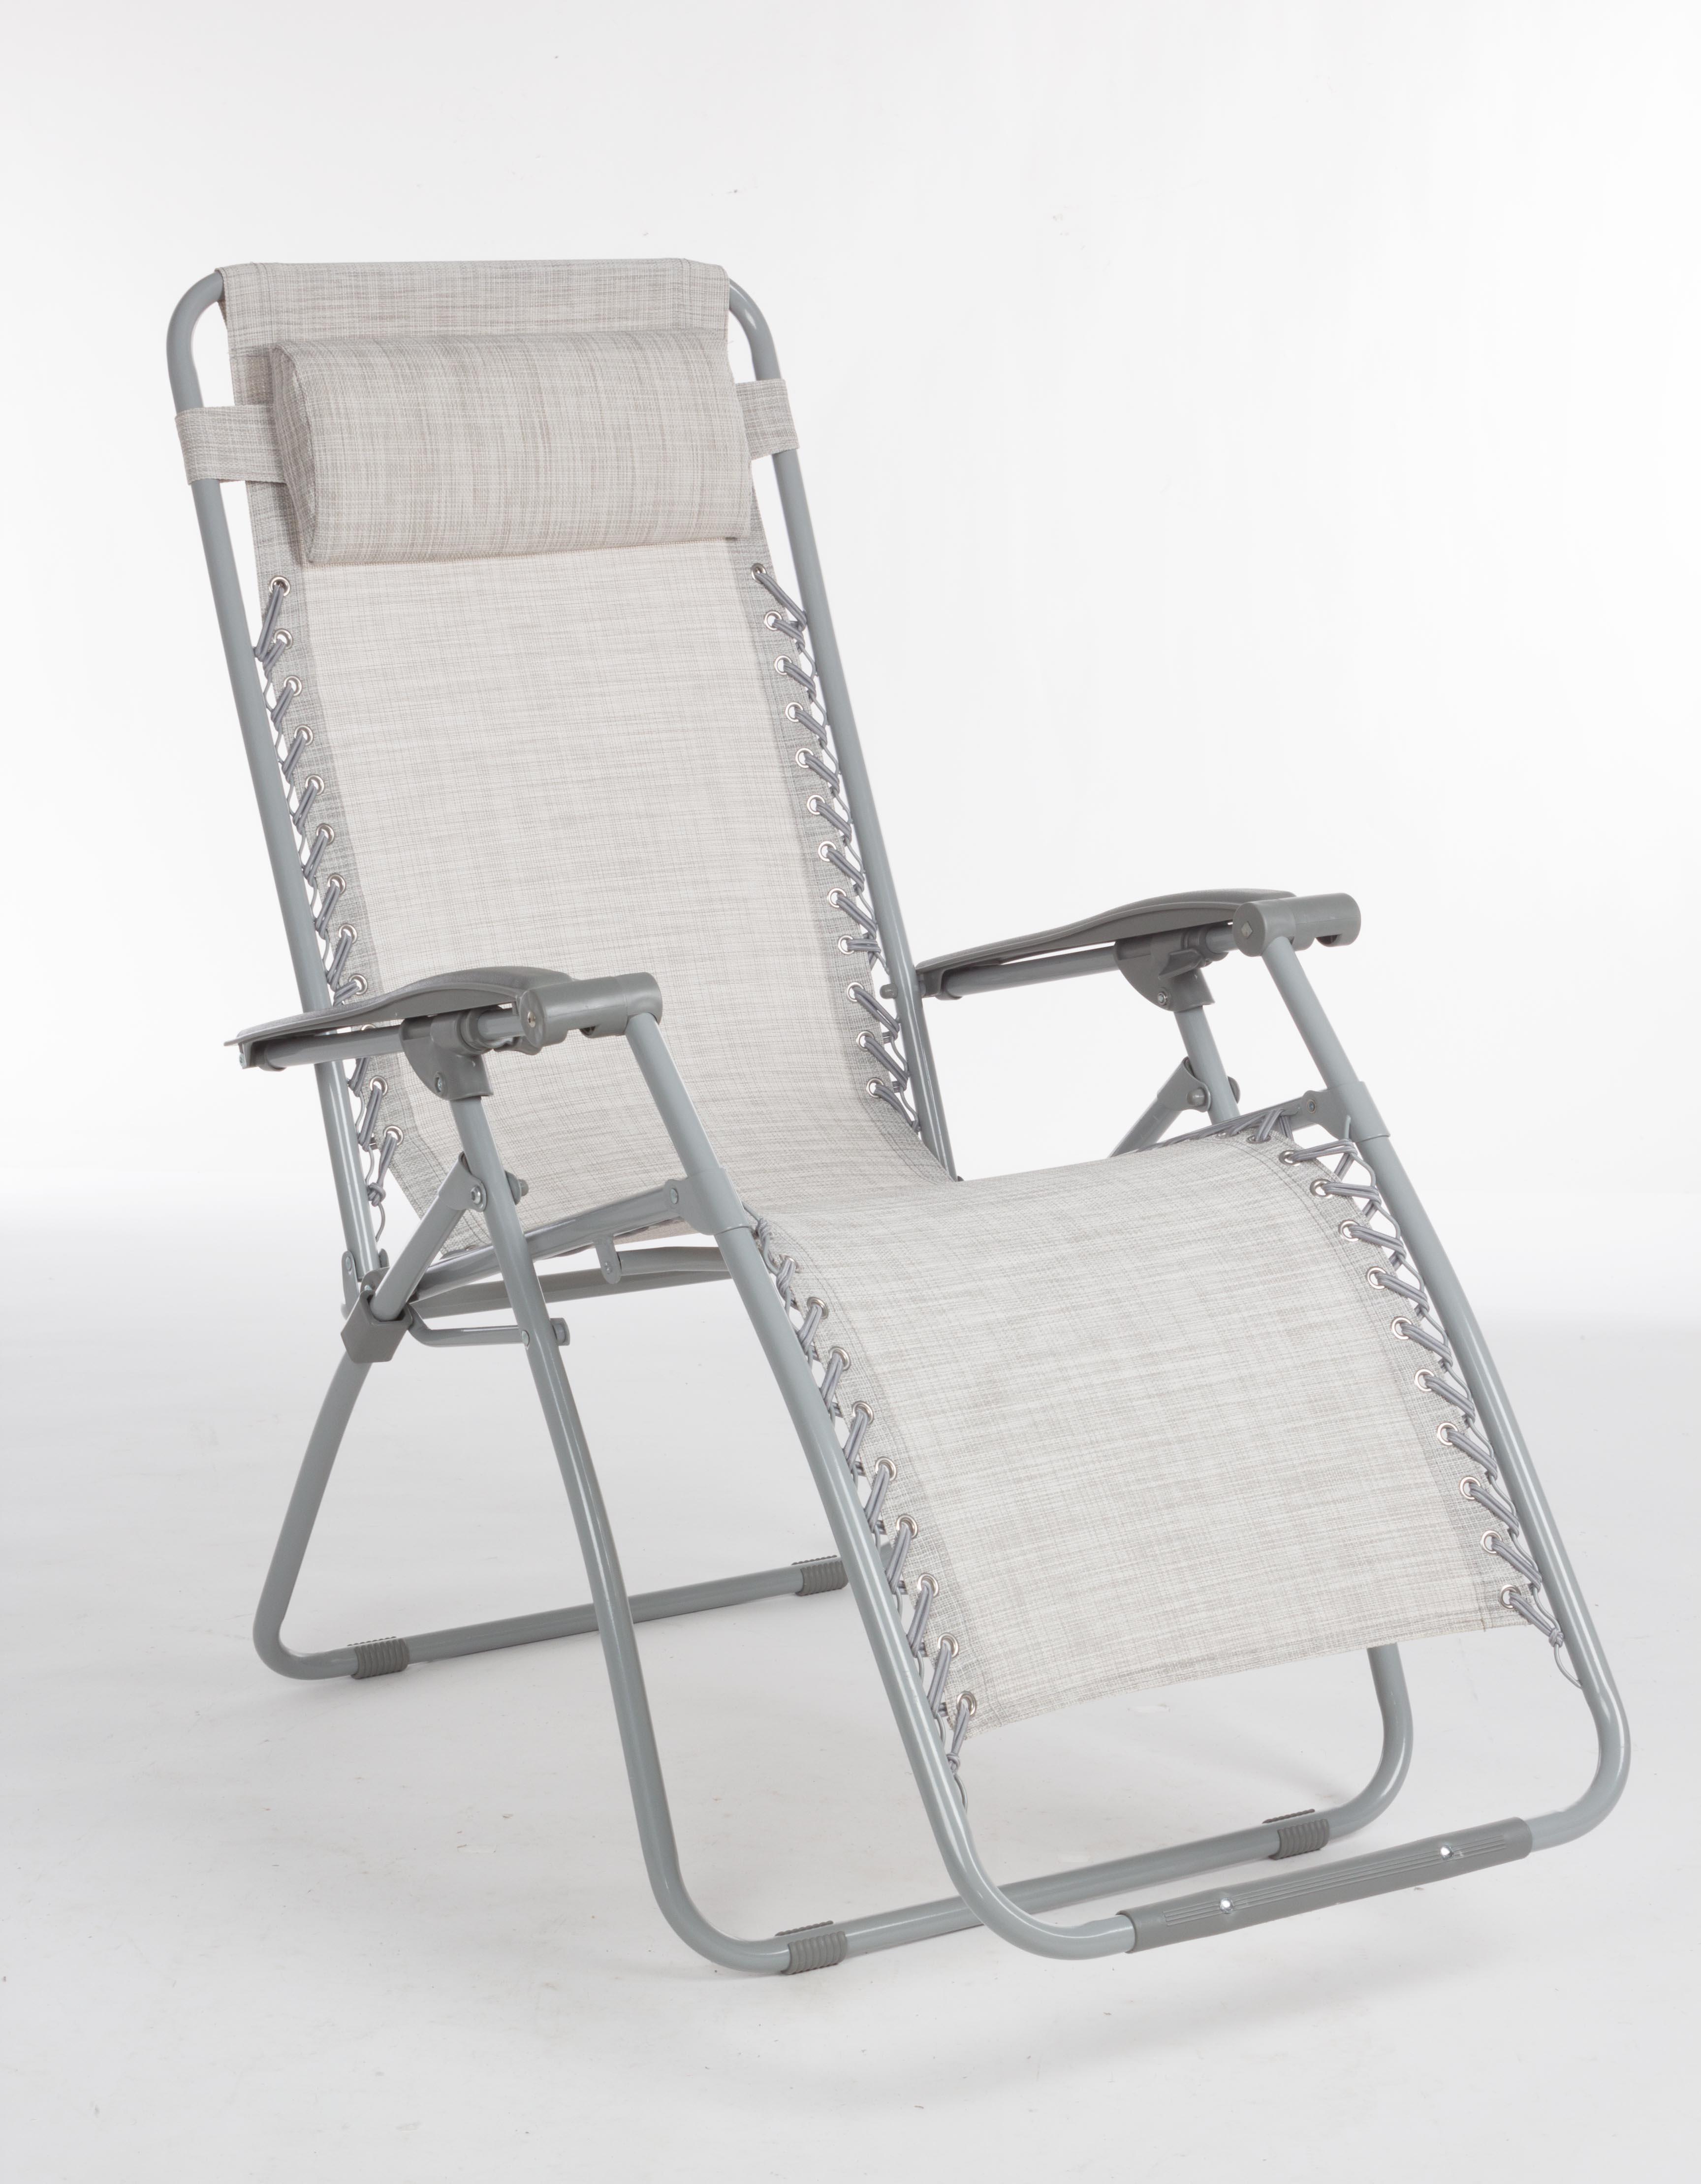 Poltrona sedia sdraio textilene pieghevole grigia firenze for Sedia sdraio